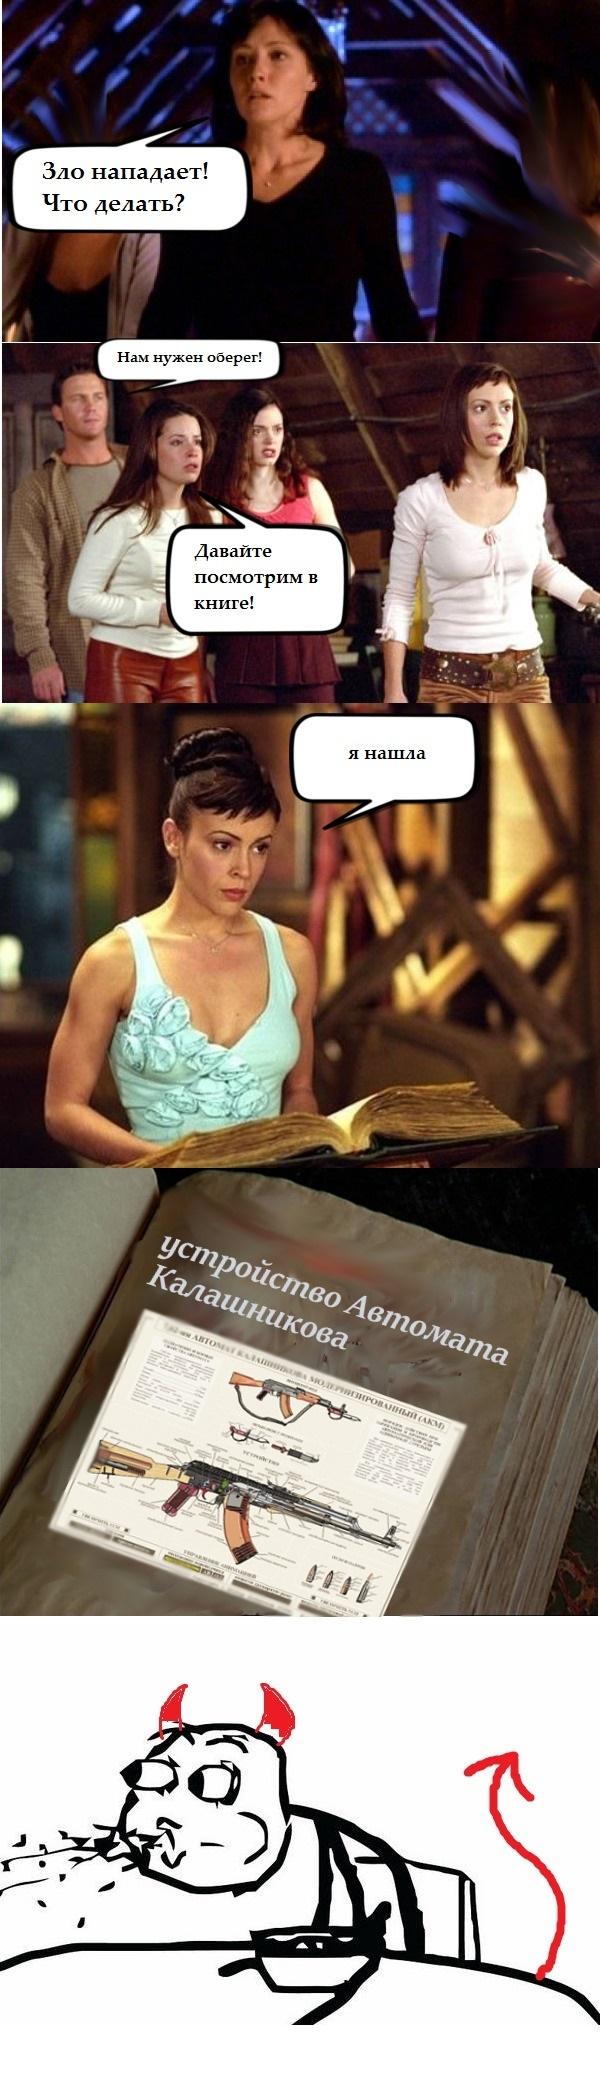 Оберег Зачарованные, Оберег, Автомат Калашникова, Длиннопост